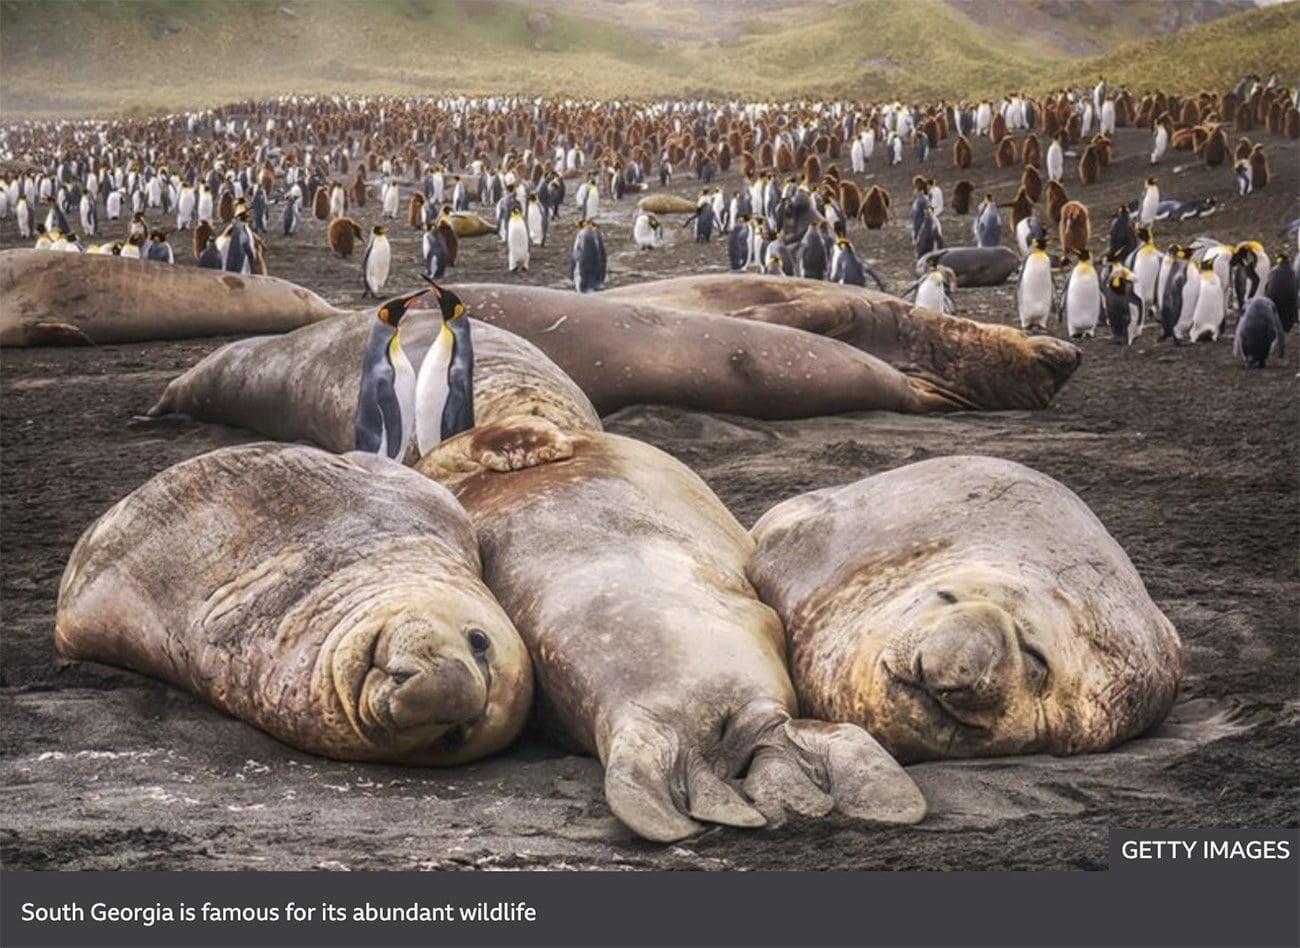 imagem de pinguins e focas na Geórgia do Sul